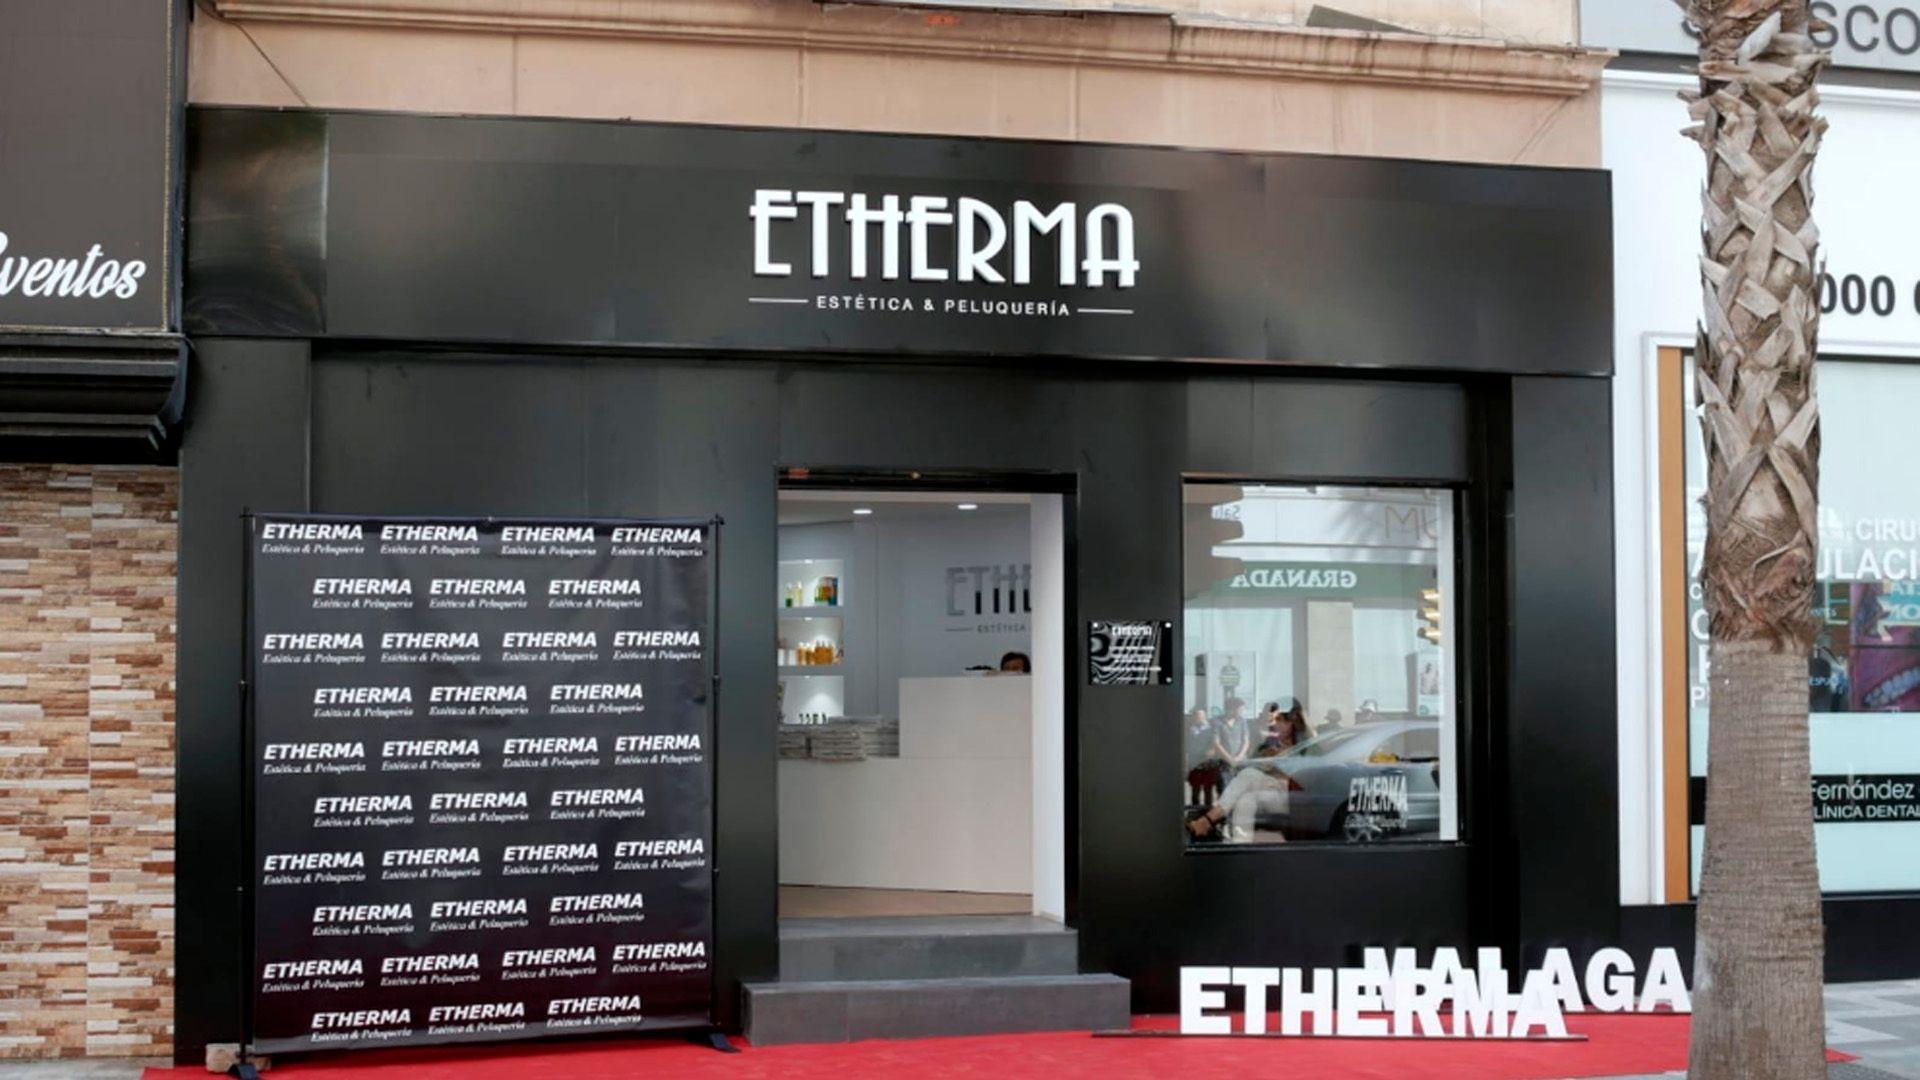 Centro de estética en Málaga